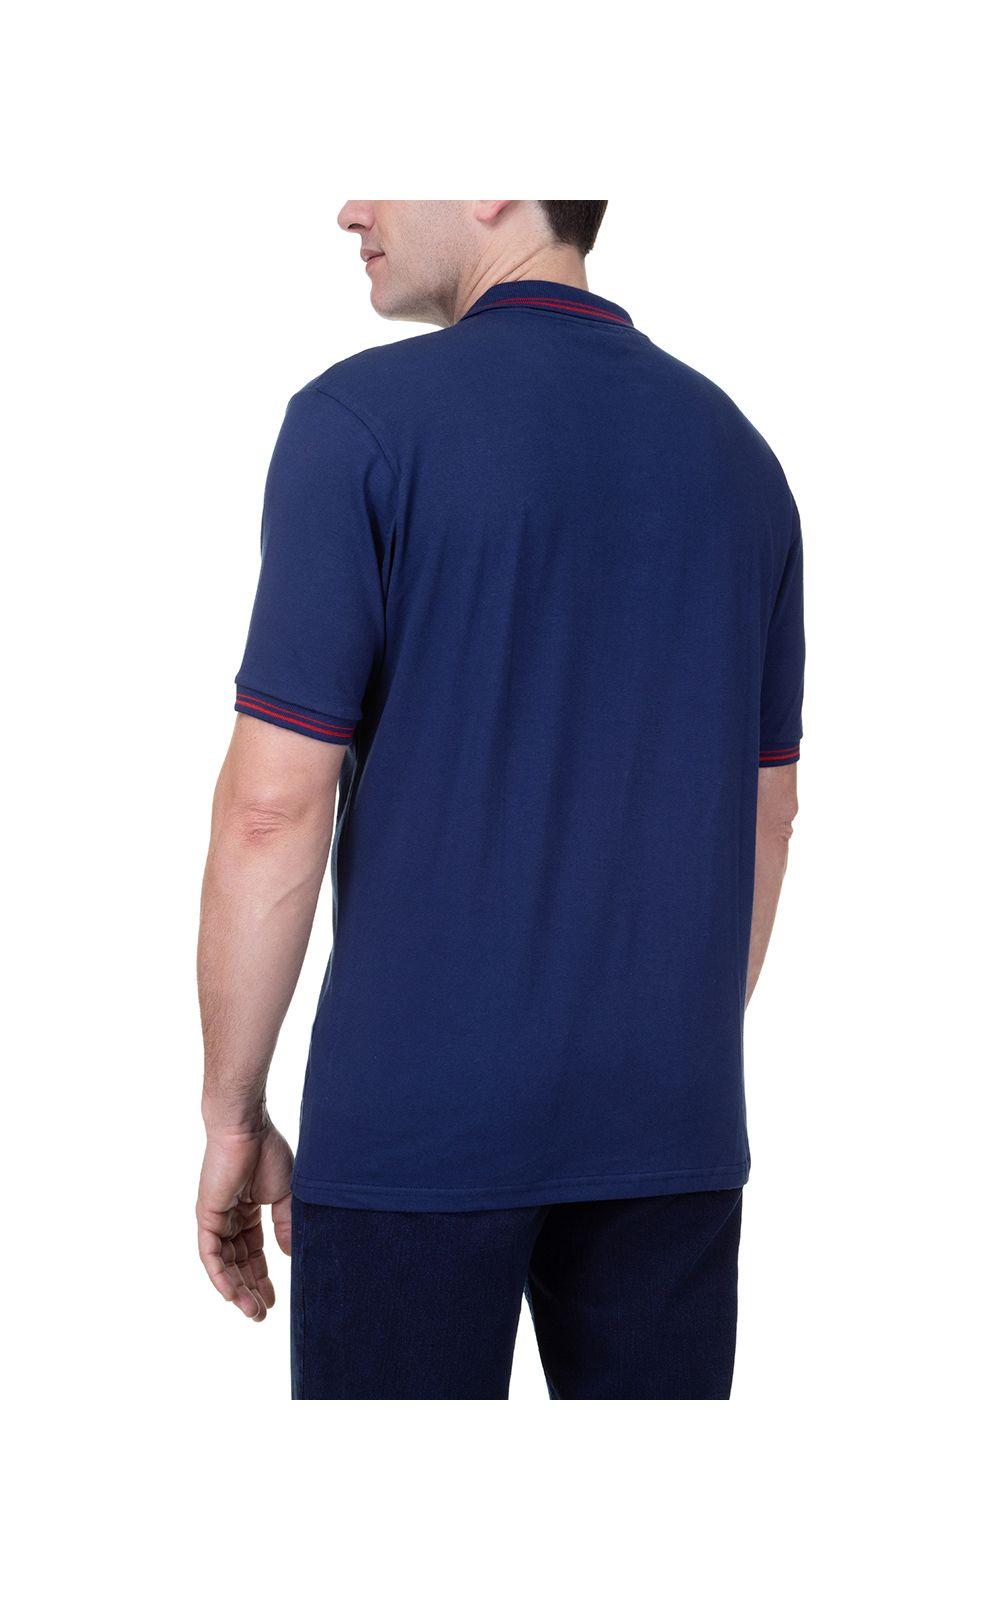 168180e8f85c7 ... Foto 2 - Camisa Polo Masculina Azul Marinho Detalhada ...